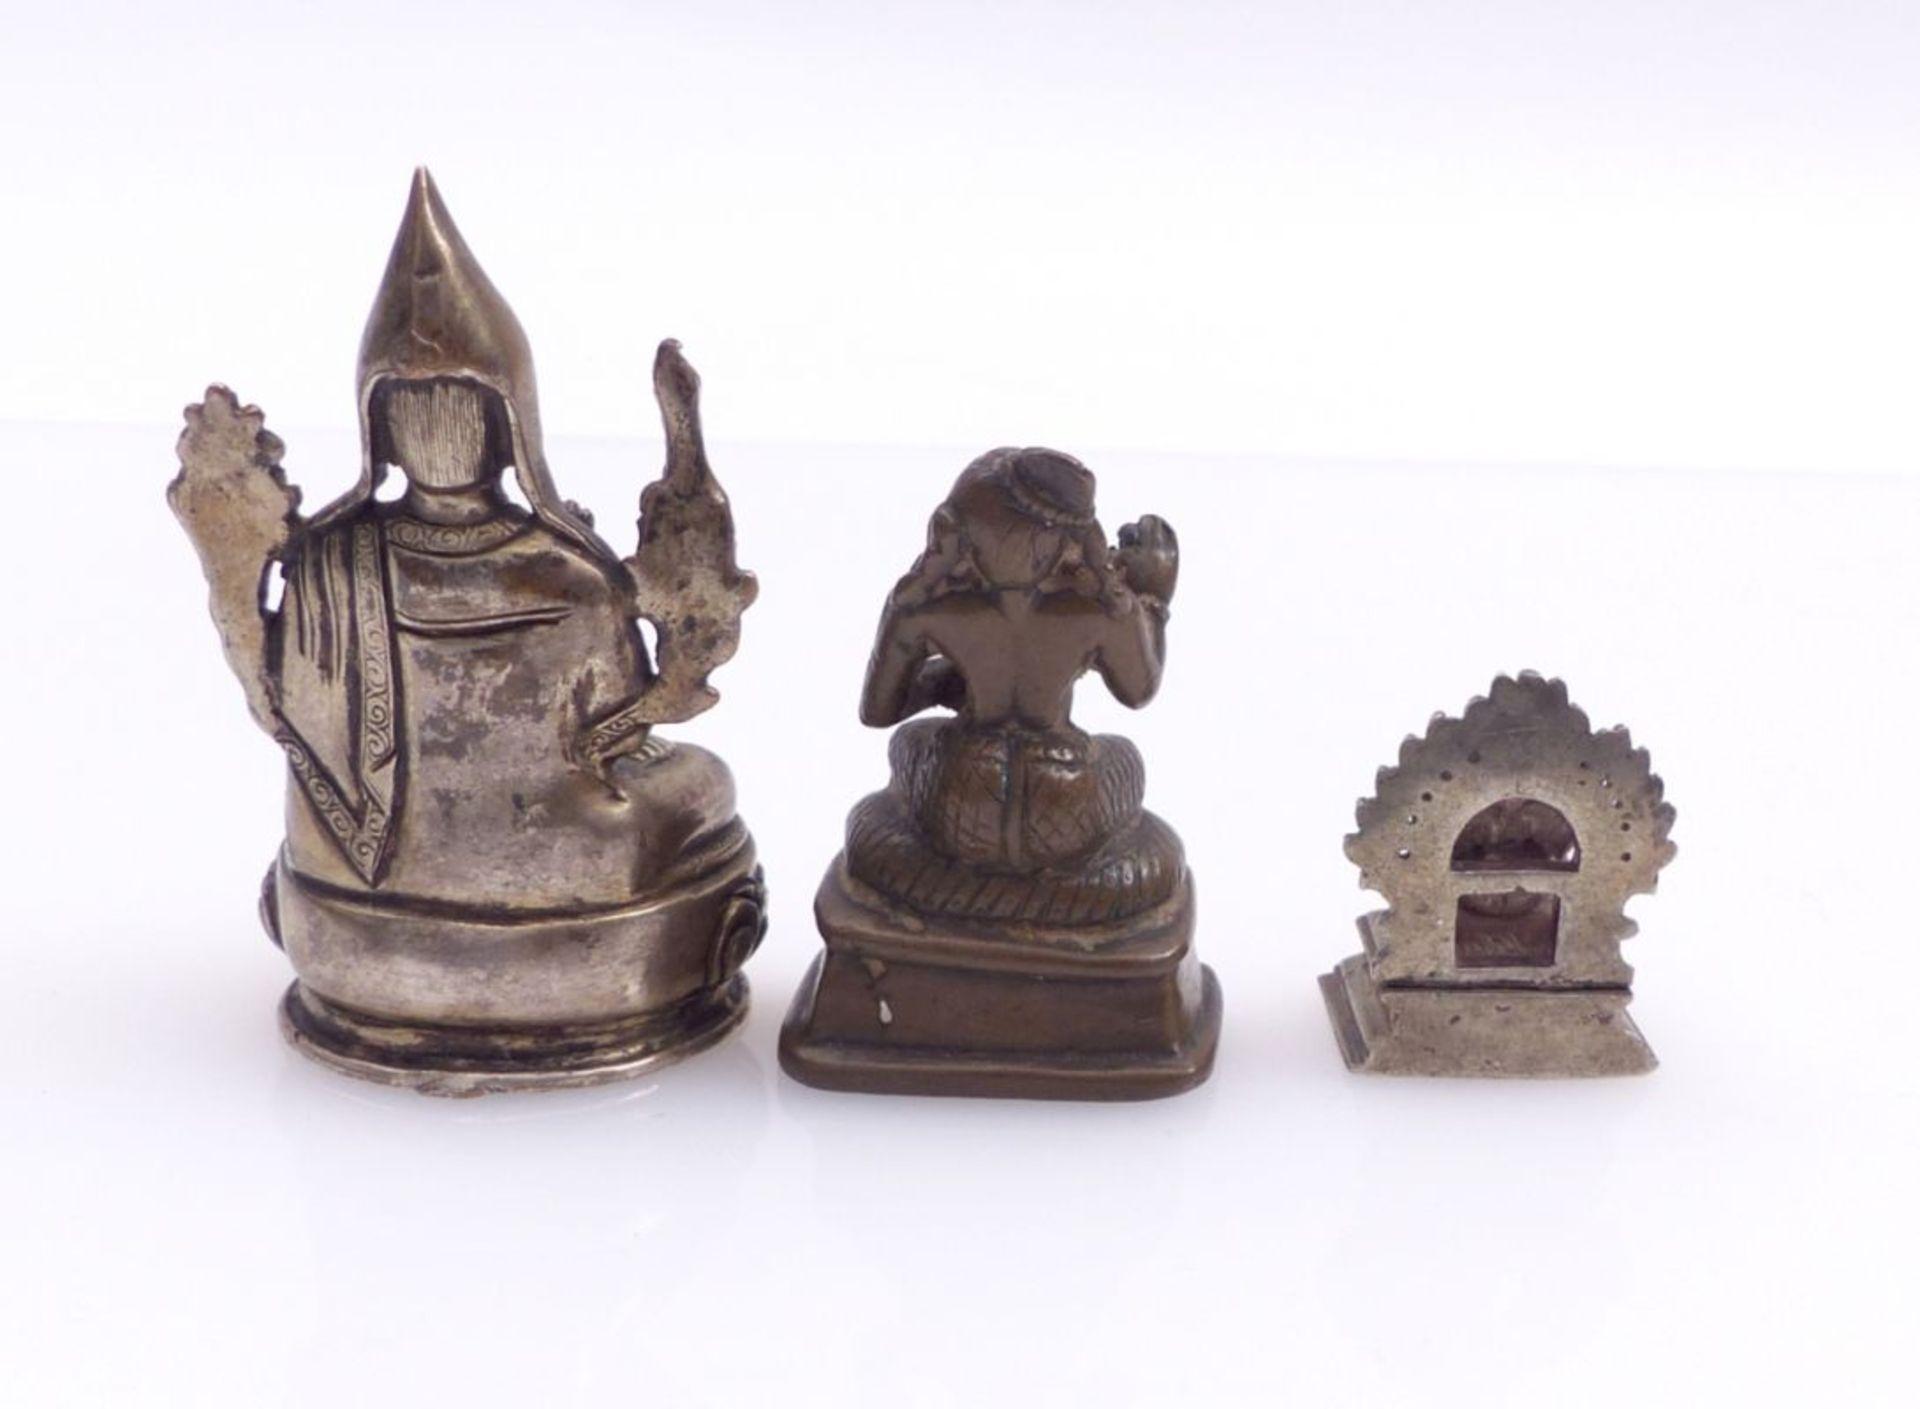 Drei Miniaturfiguren thronender, asiatischer Gottheiten - Bild 3 aus 4